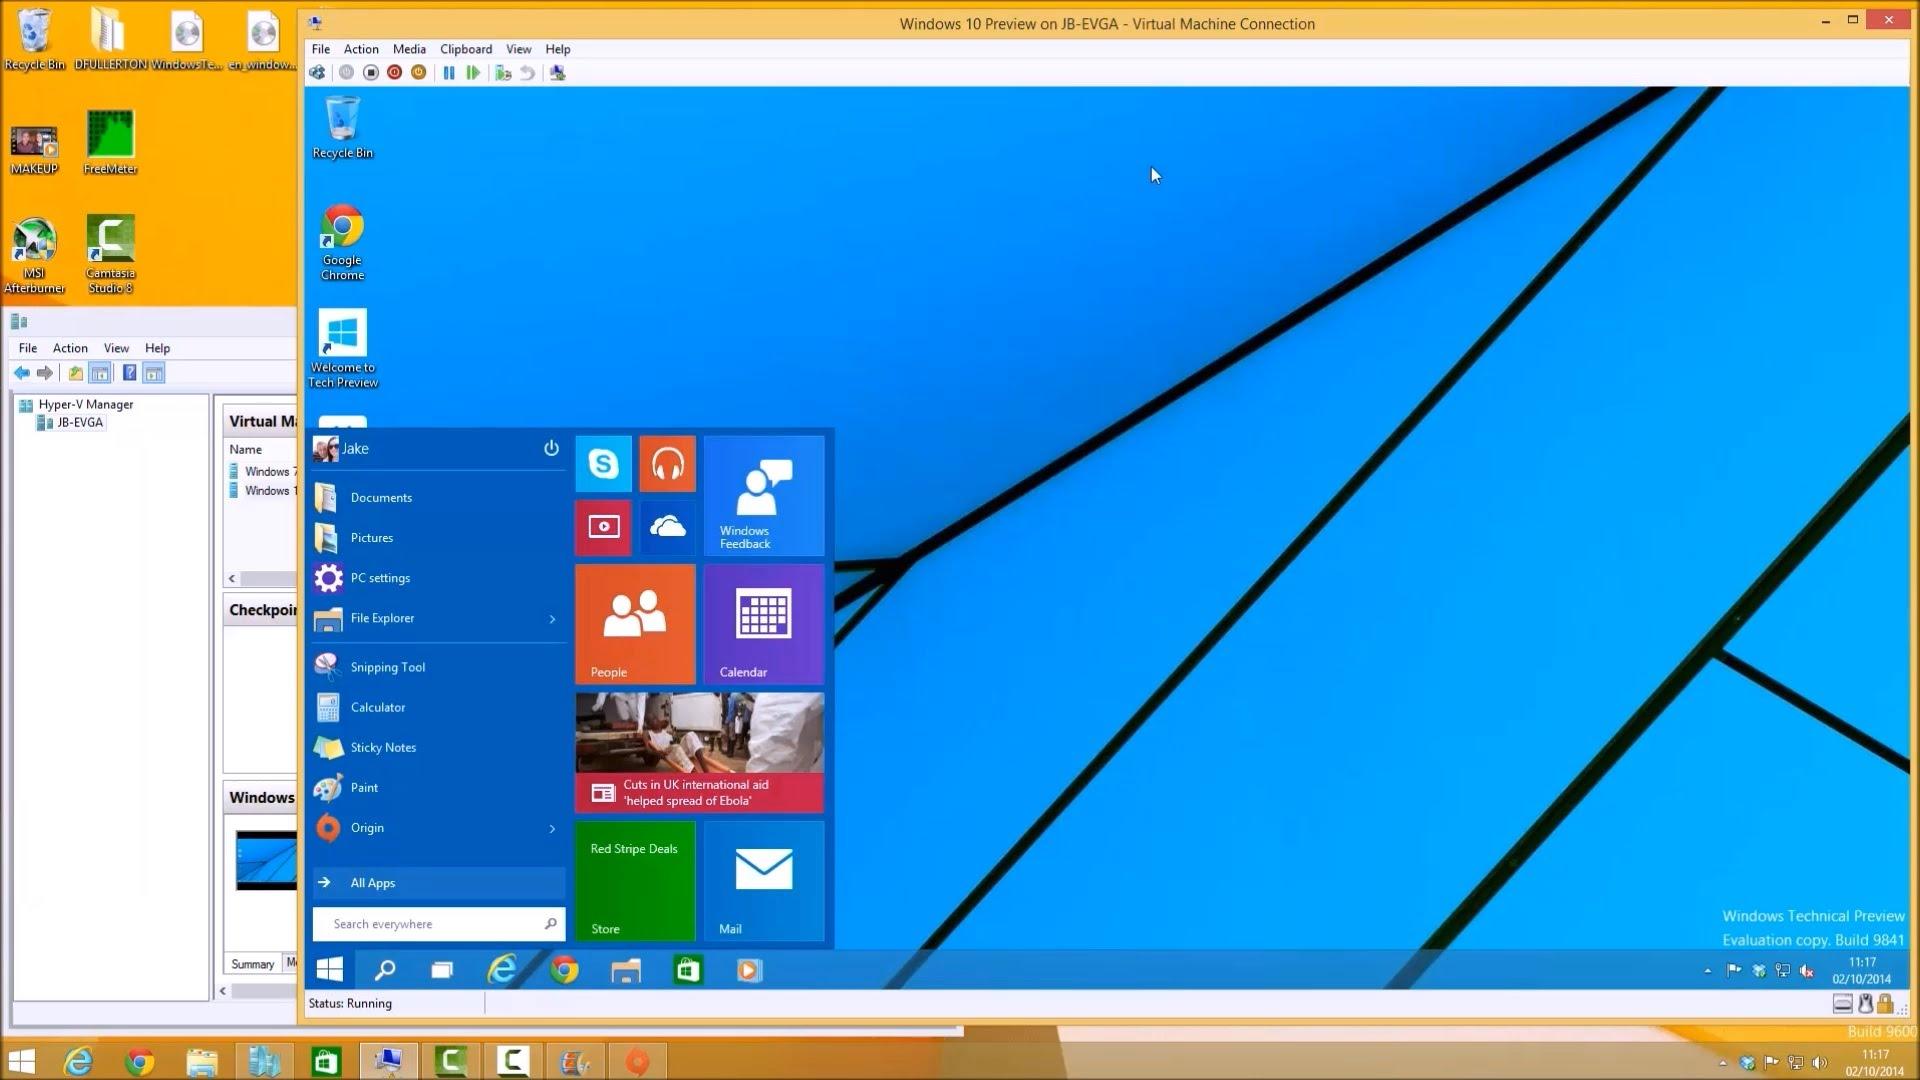 Mejores aplicaciones Windows 10 2